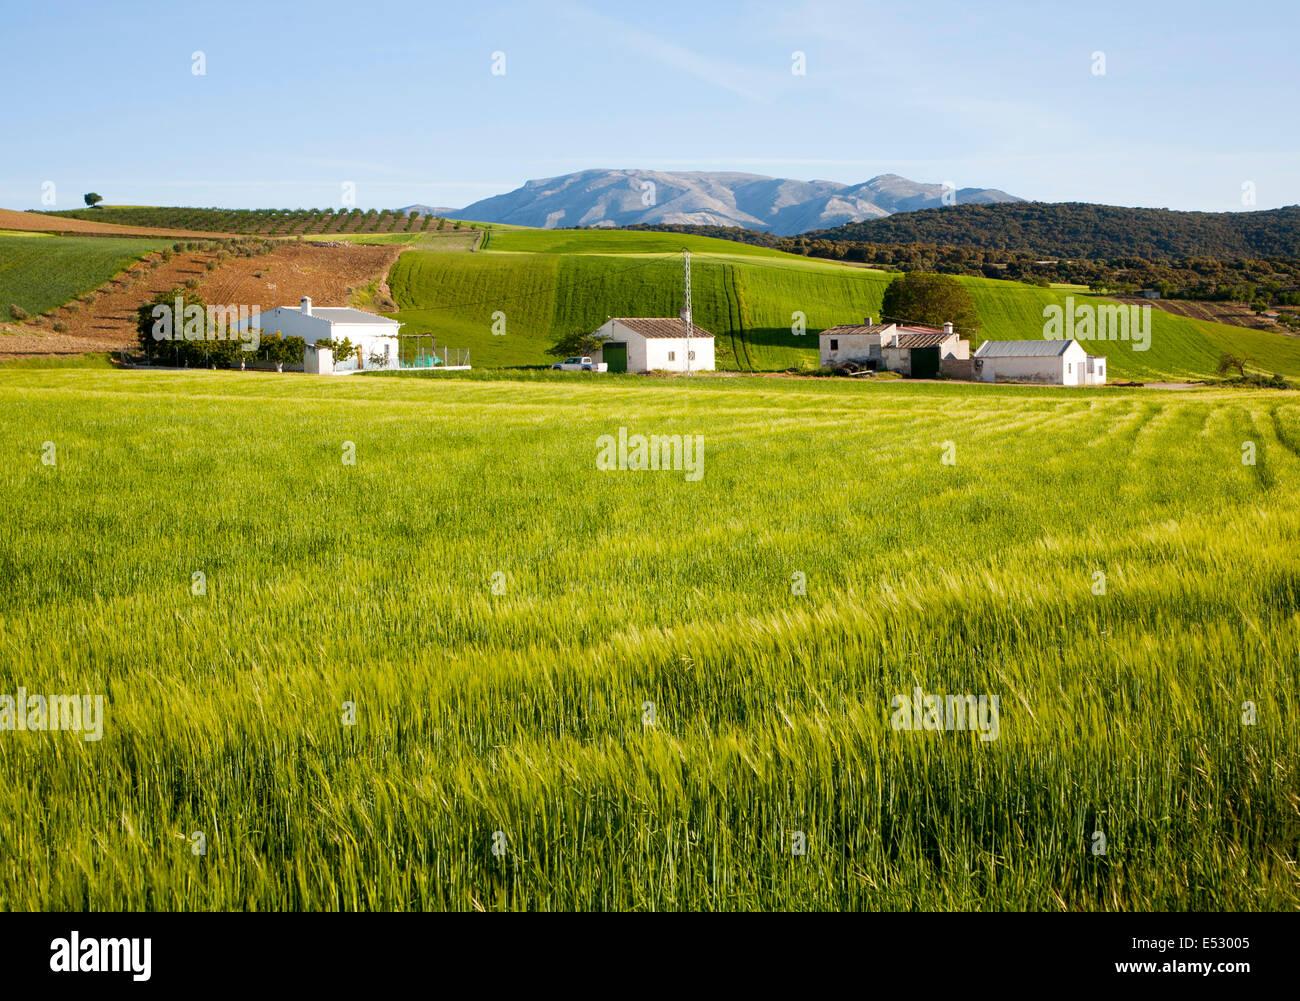 Ferme et granges situé dans le champs arables de la récolte d'orge verte près de Alhama de Granada, Photo Stock